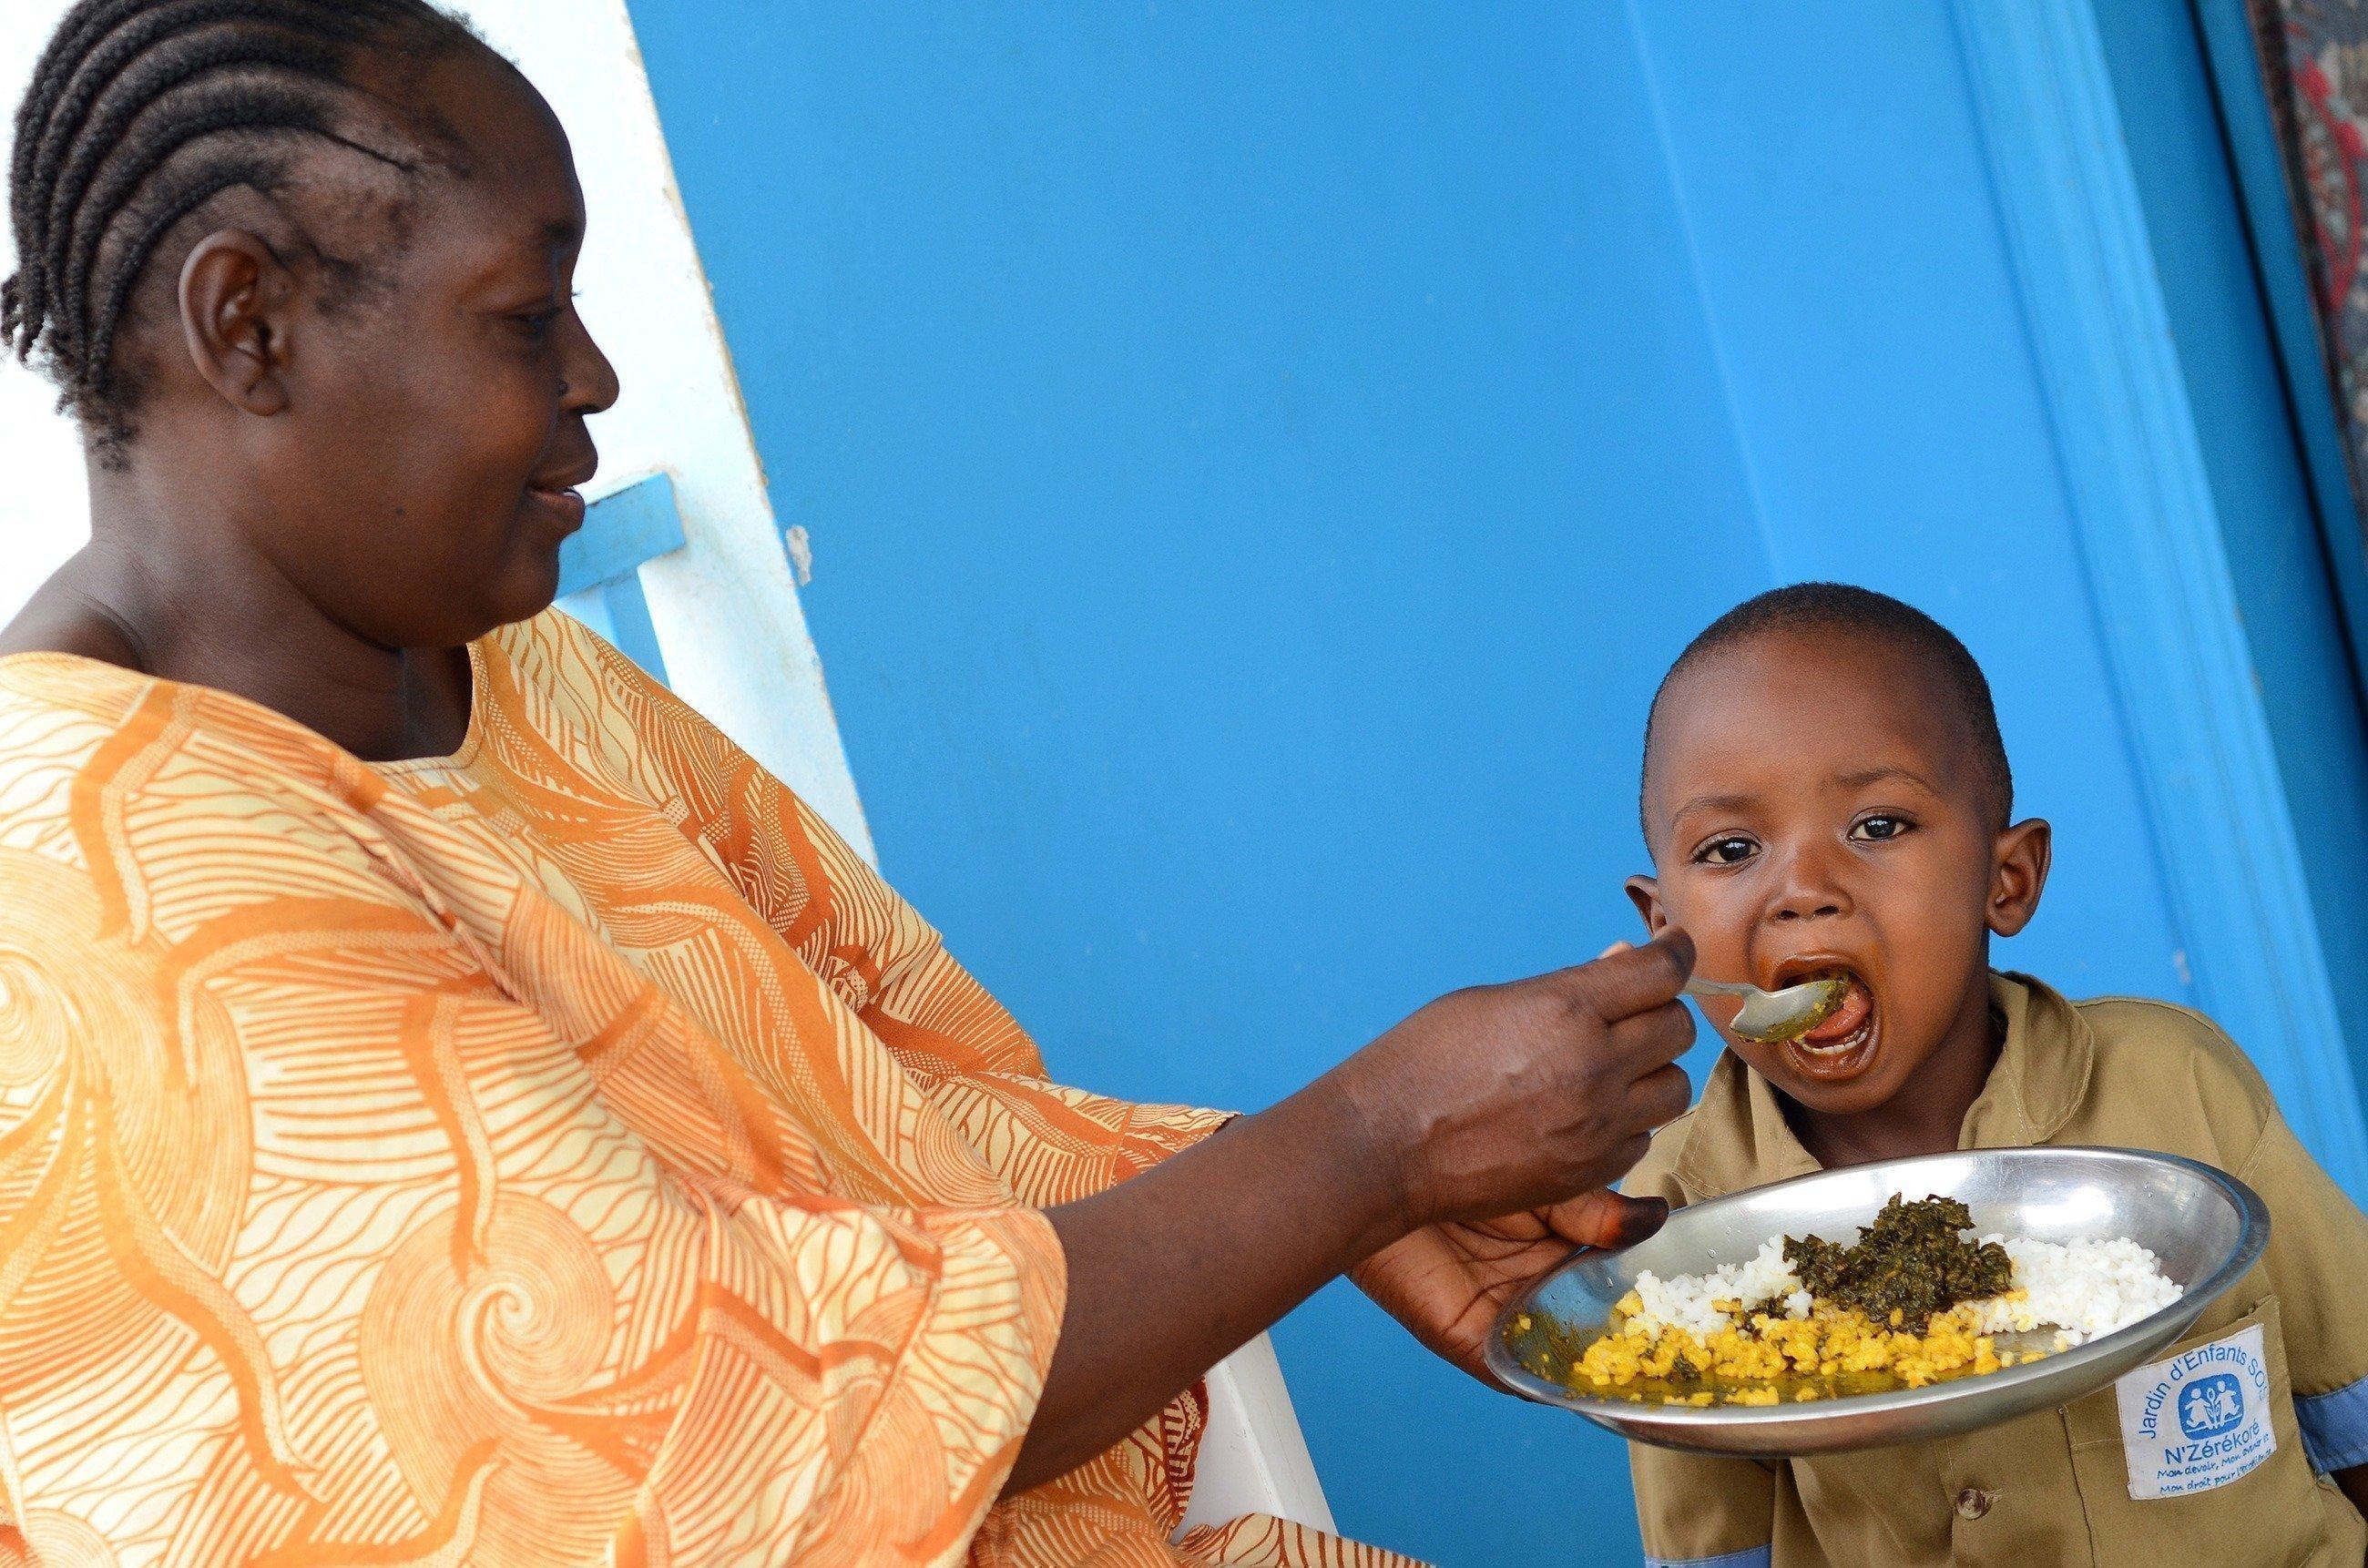 Eine SOS-Kinderdorf Mutter füttert ein Kind.